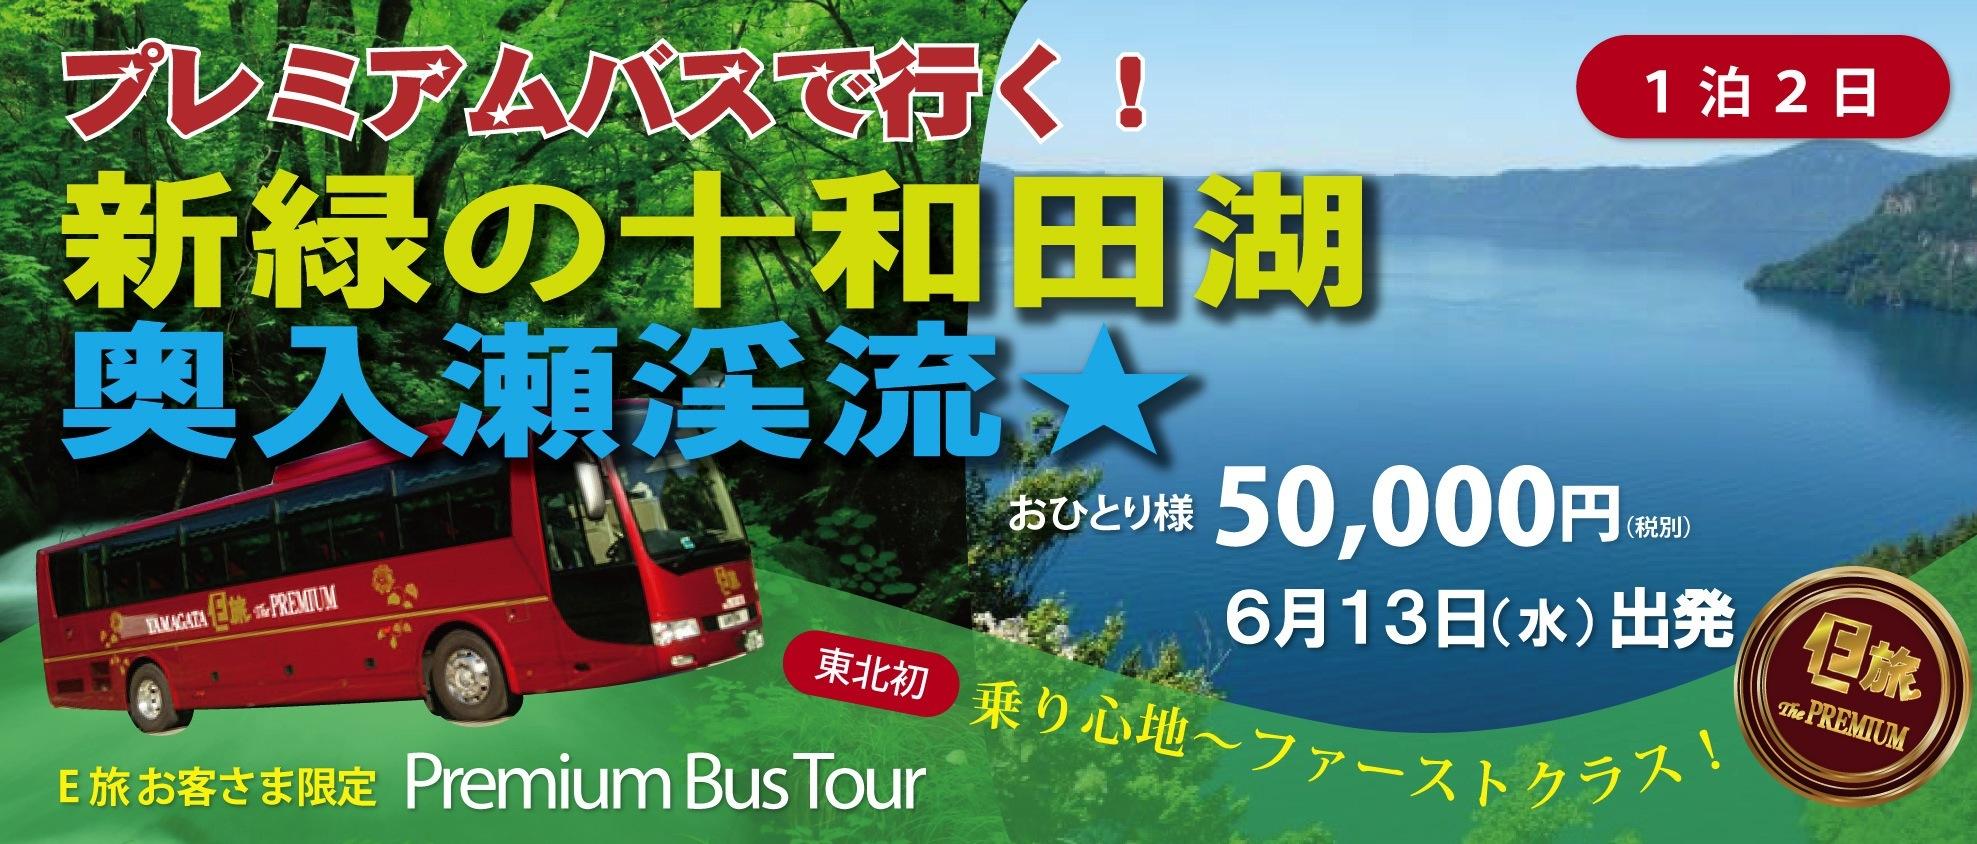 プレミアムバスで行く!新緑の十和田湖奥入瀬渓流★6月13日(水)出発 1泊2日